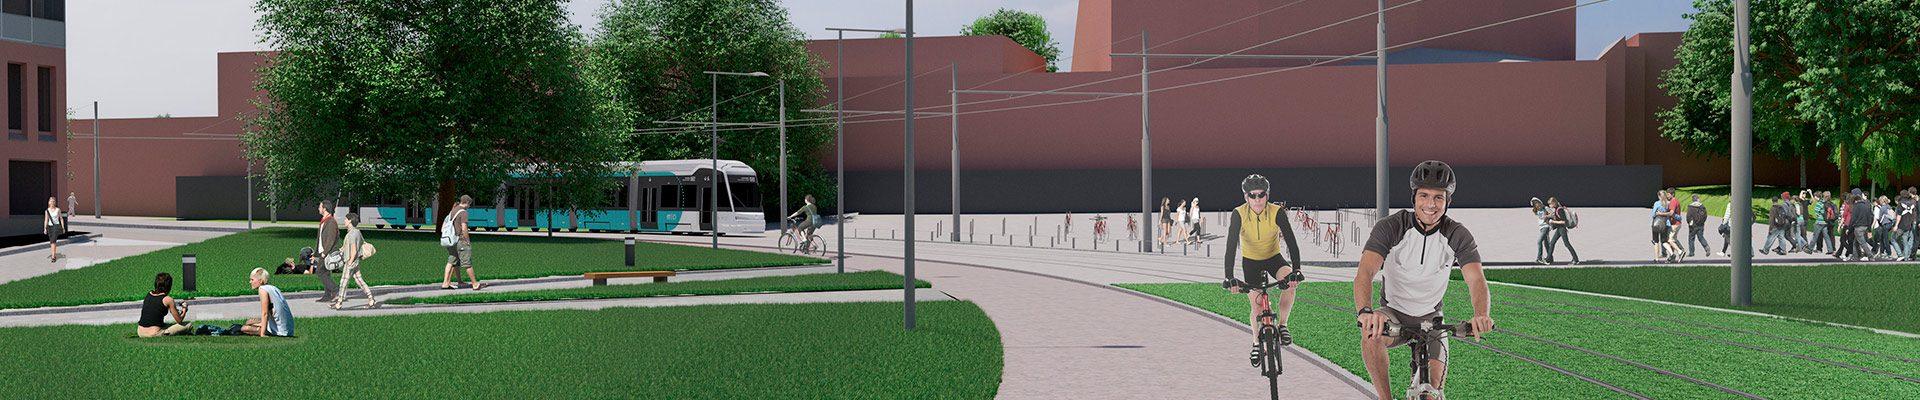 Raide-Jokerin rakentaminen alkaa kesäkuun 2019 alussa. Tämänhetkisen aikataulun mukaan liikennöinti linjalla alkaa kesäkuussa 2024.